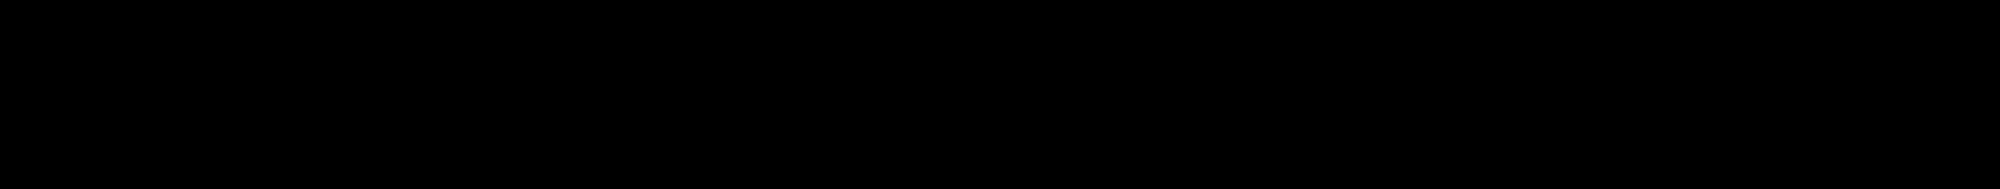 Shearman Sterling logo